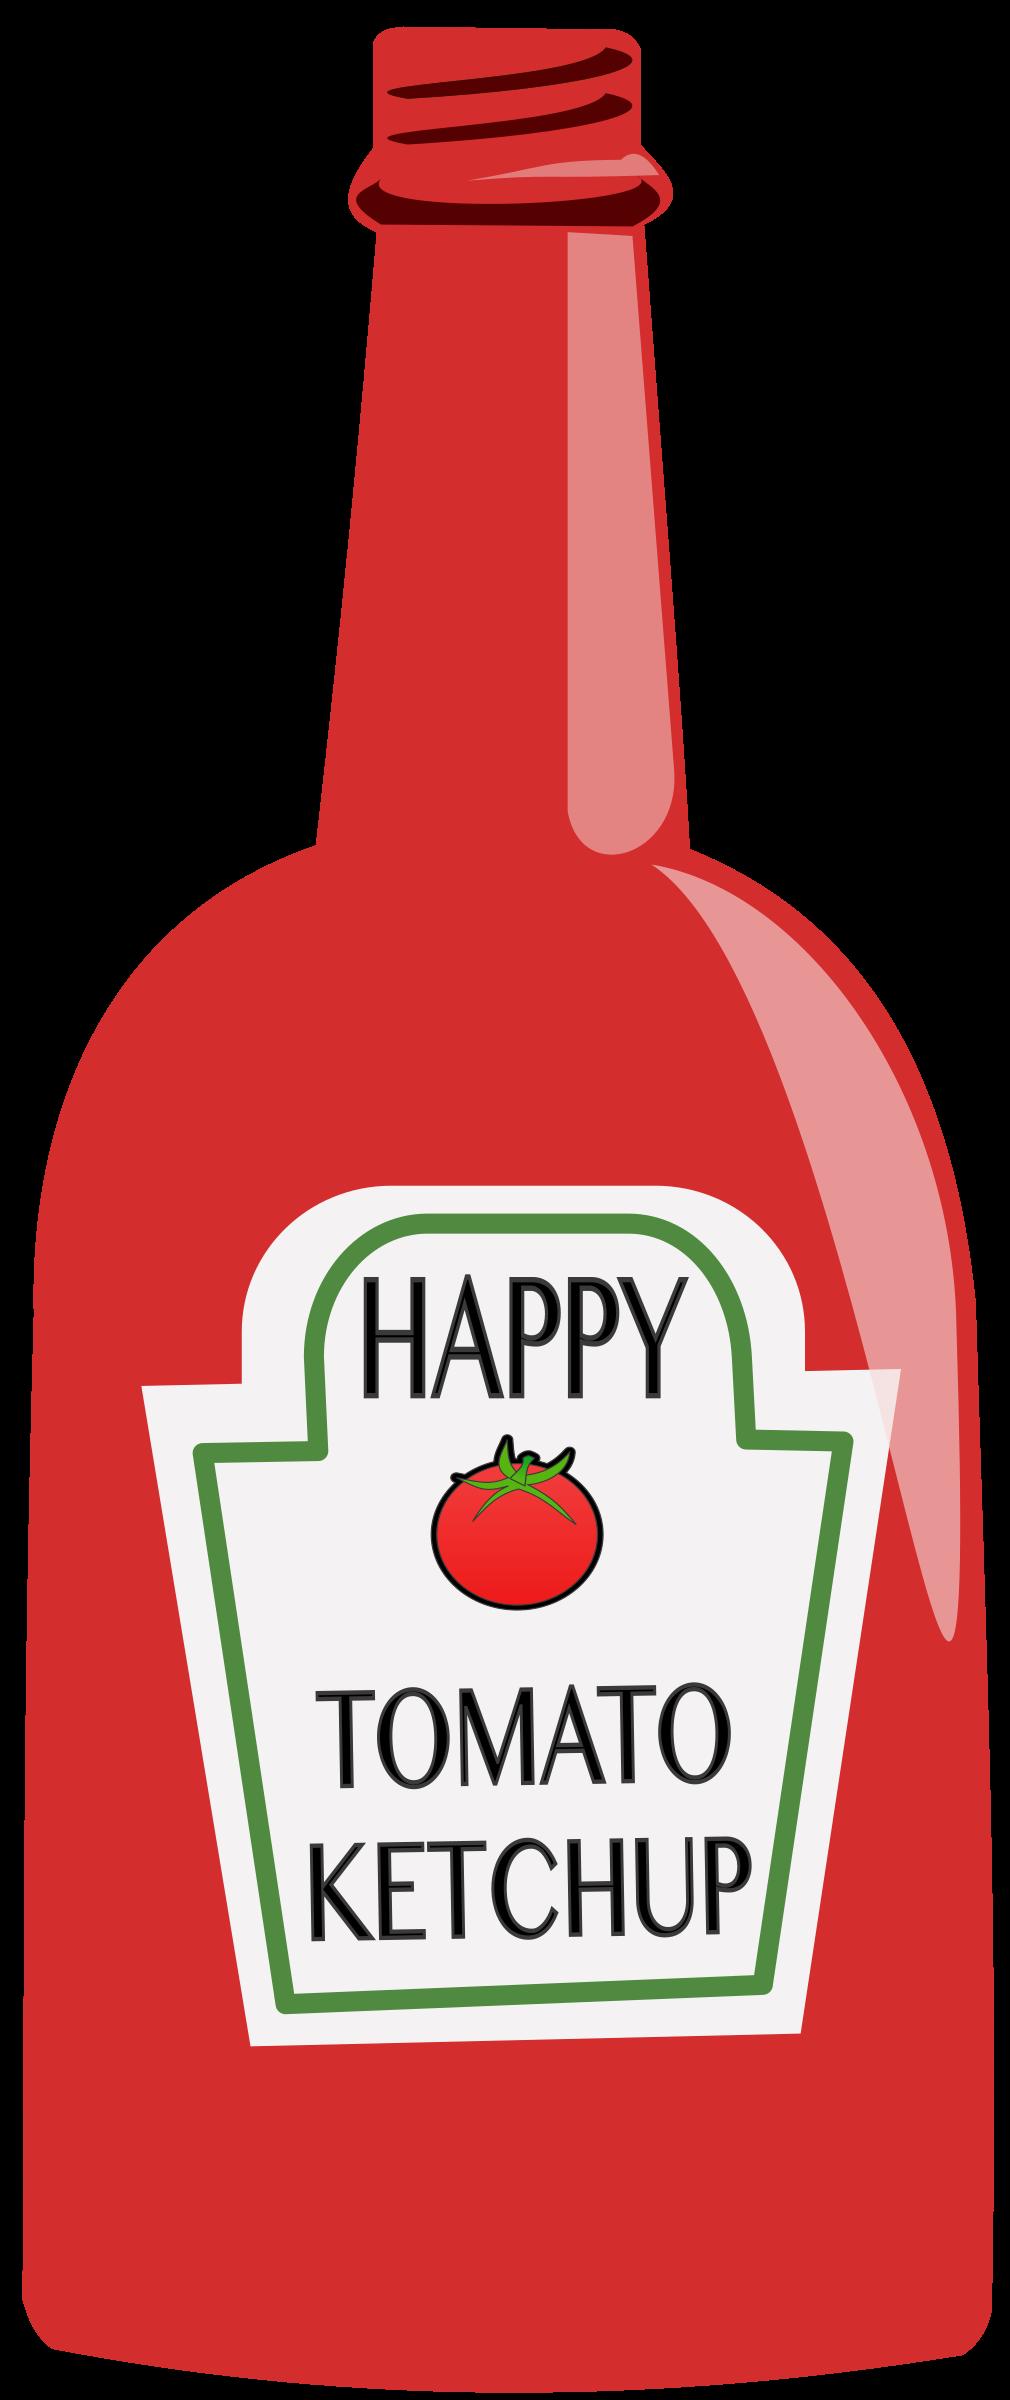 Ketchup clipart small. Tomato big image png